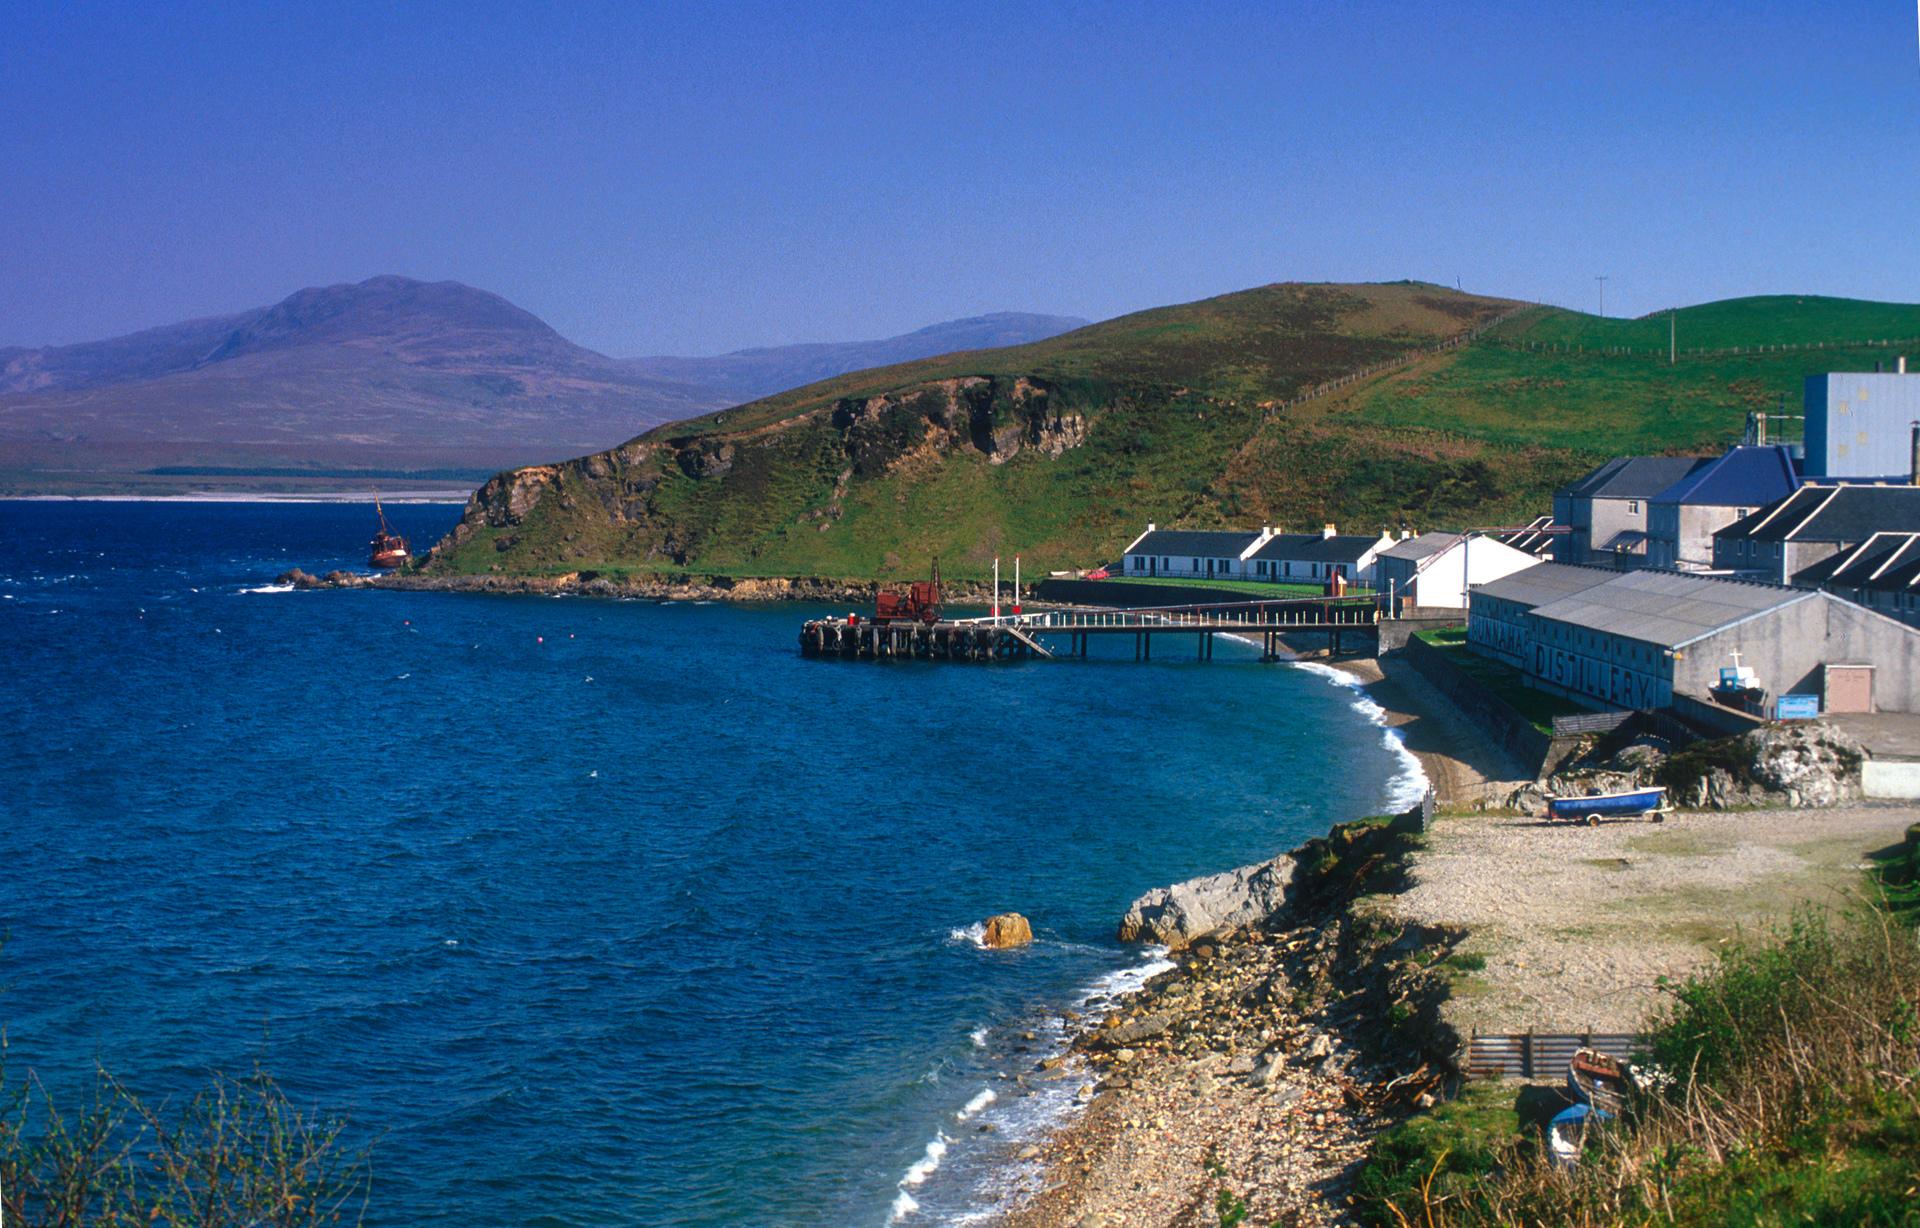 Kết quả hình ảnh cho Islay - Scotland